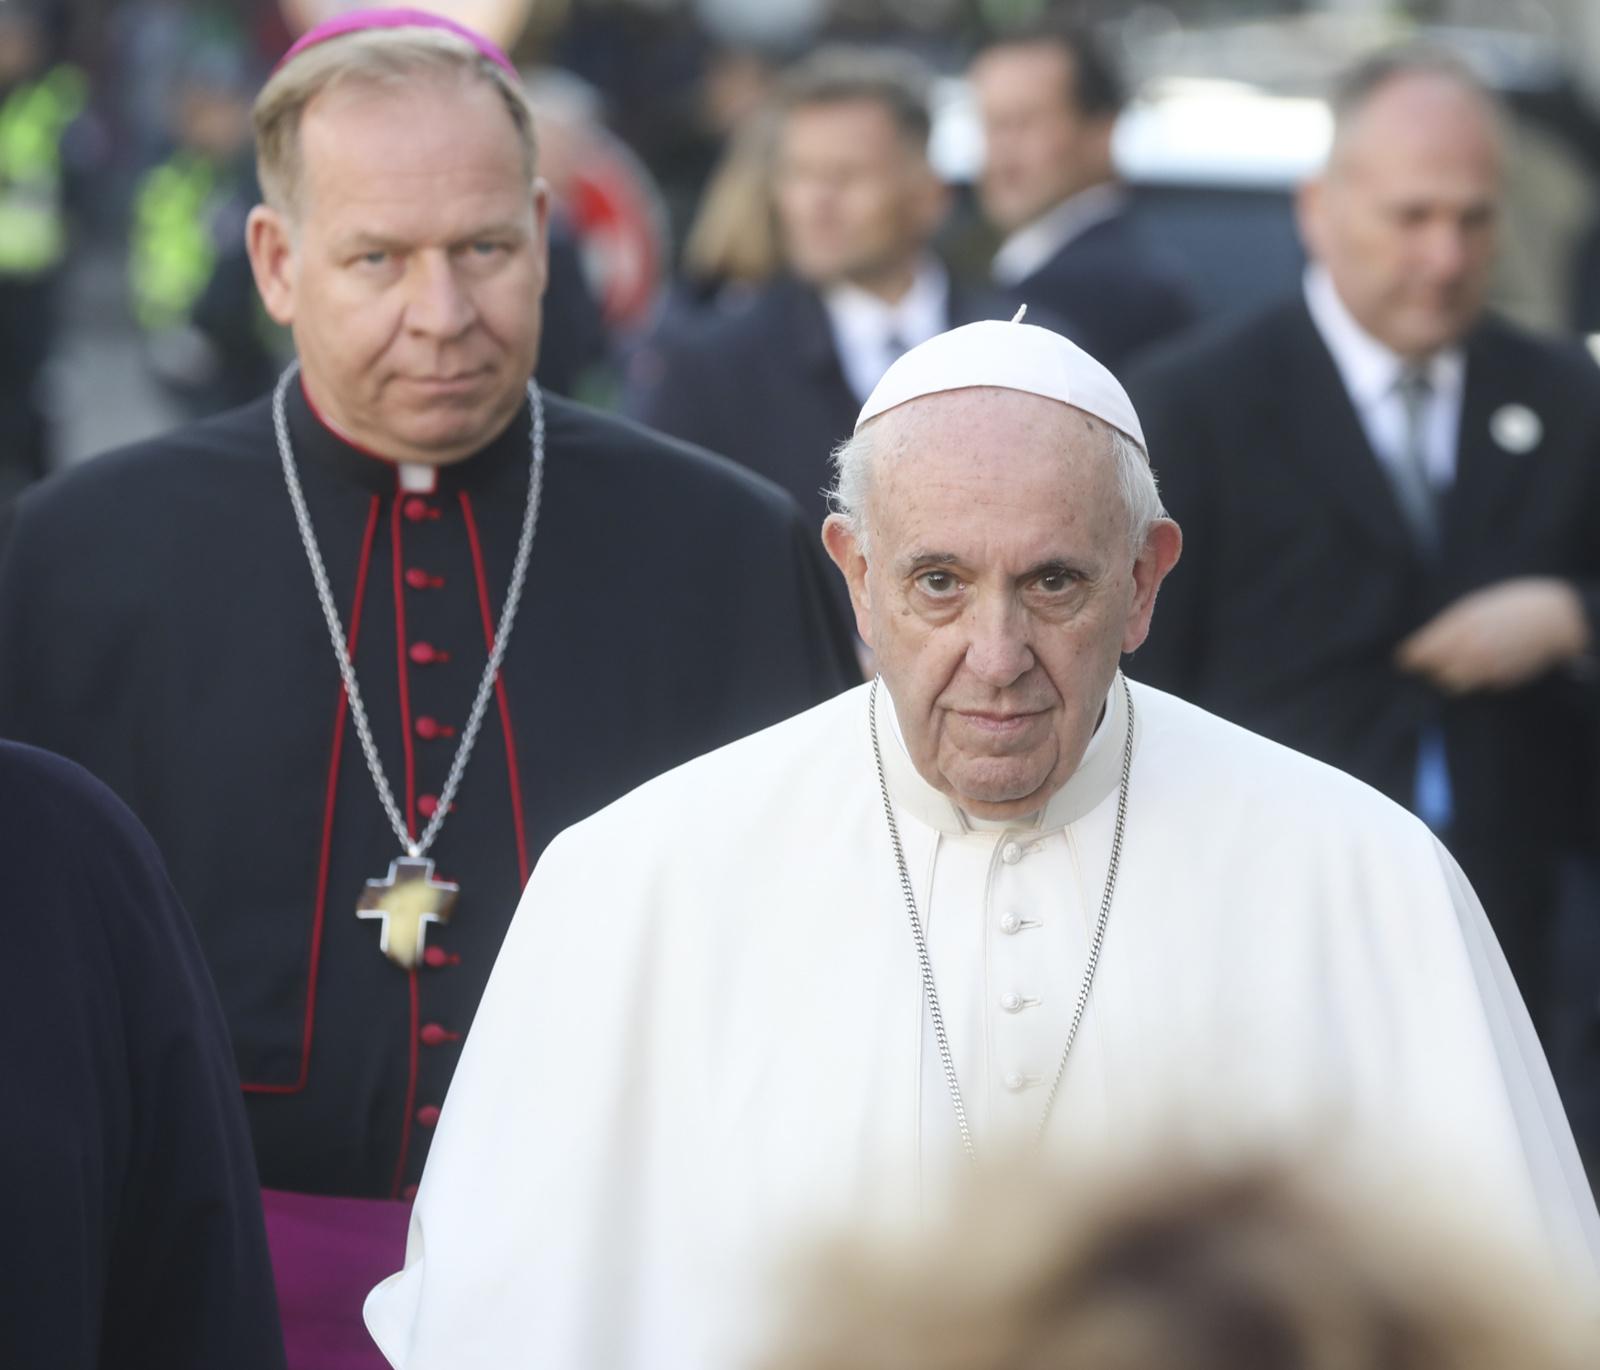 LRT tiesiogiai transliuos popiežiaus Pranciškaus palaiminimą